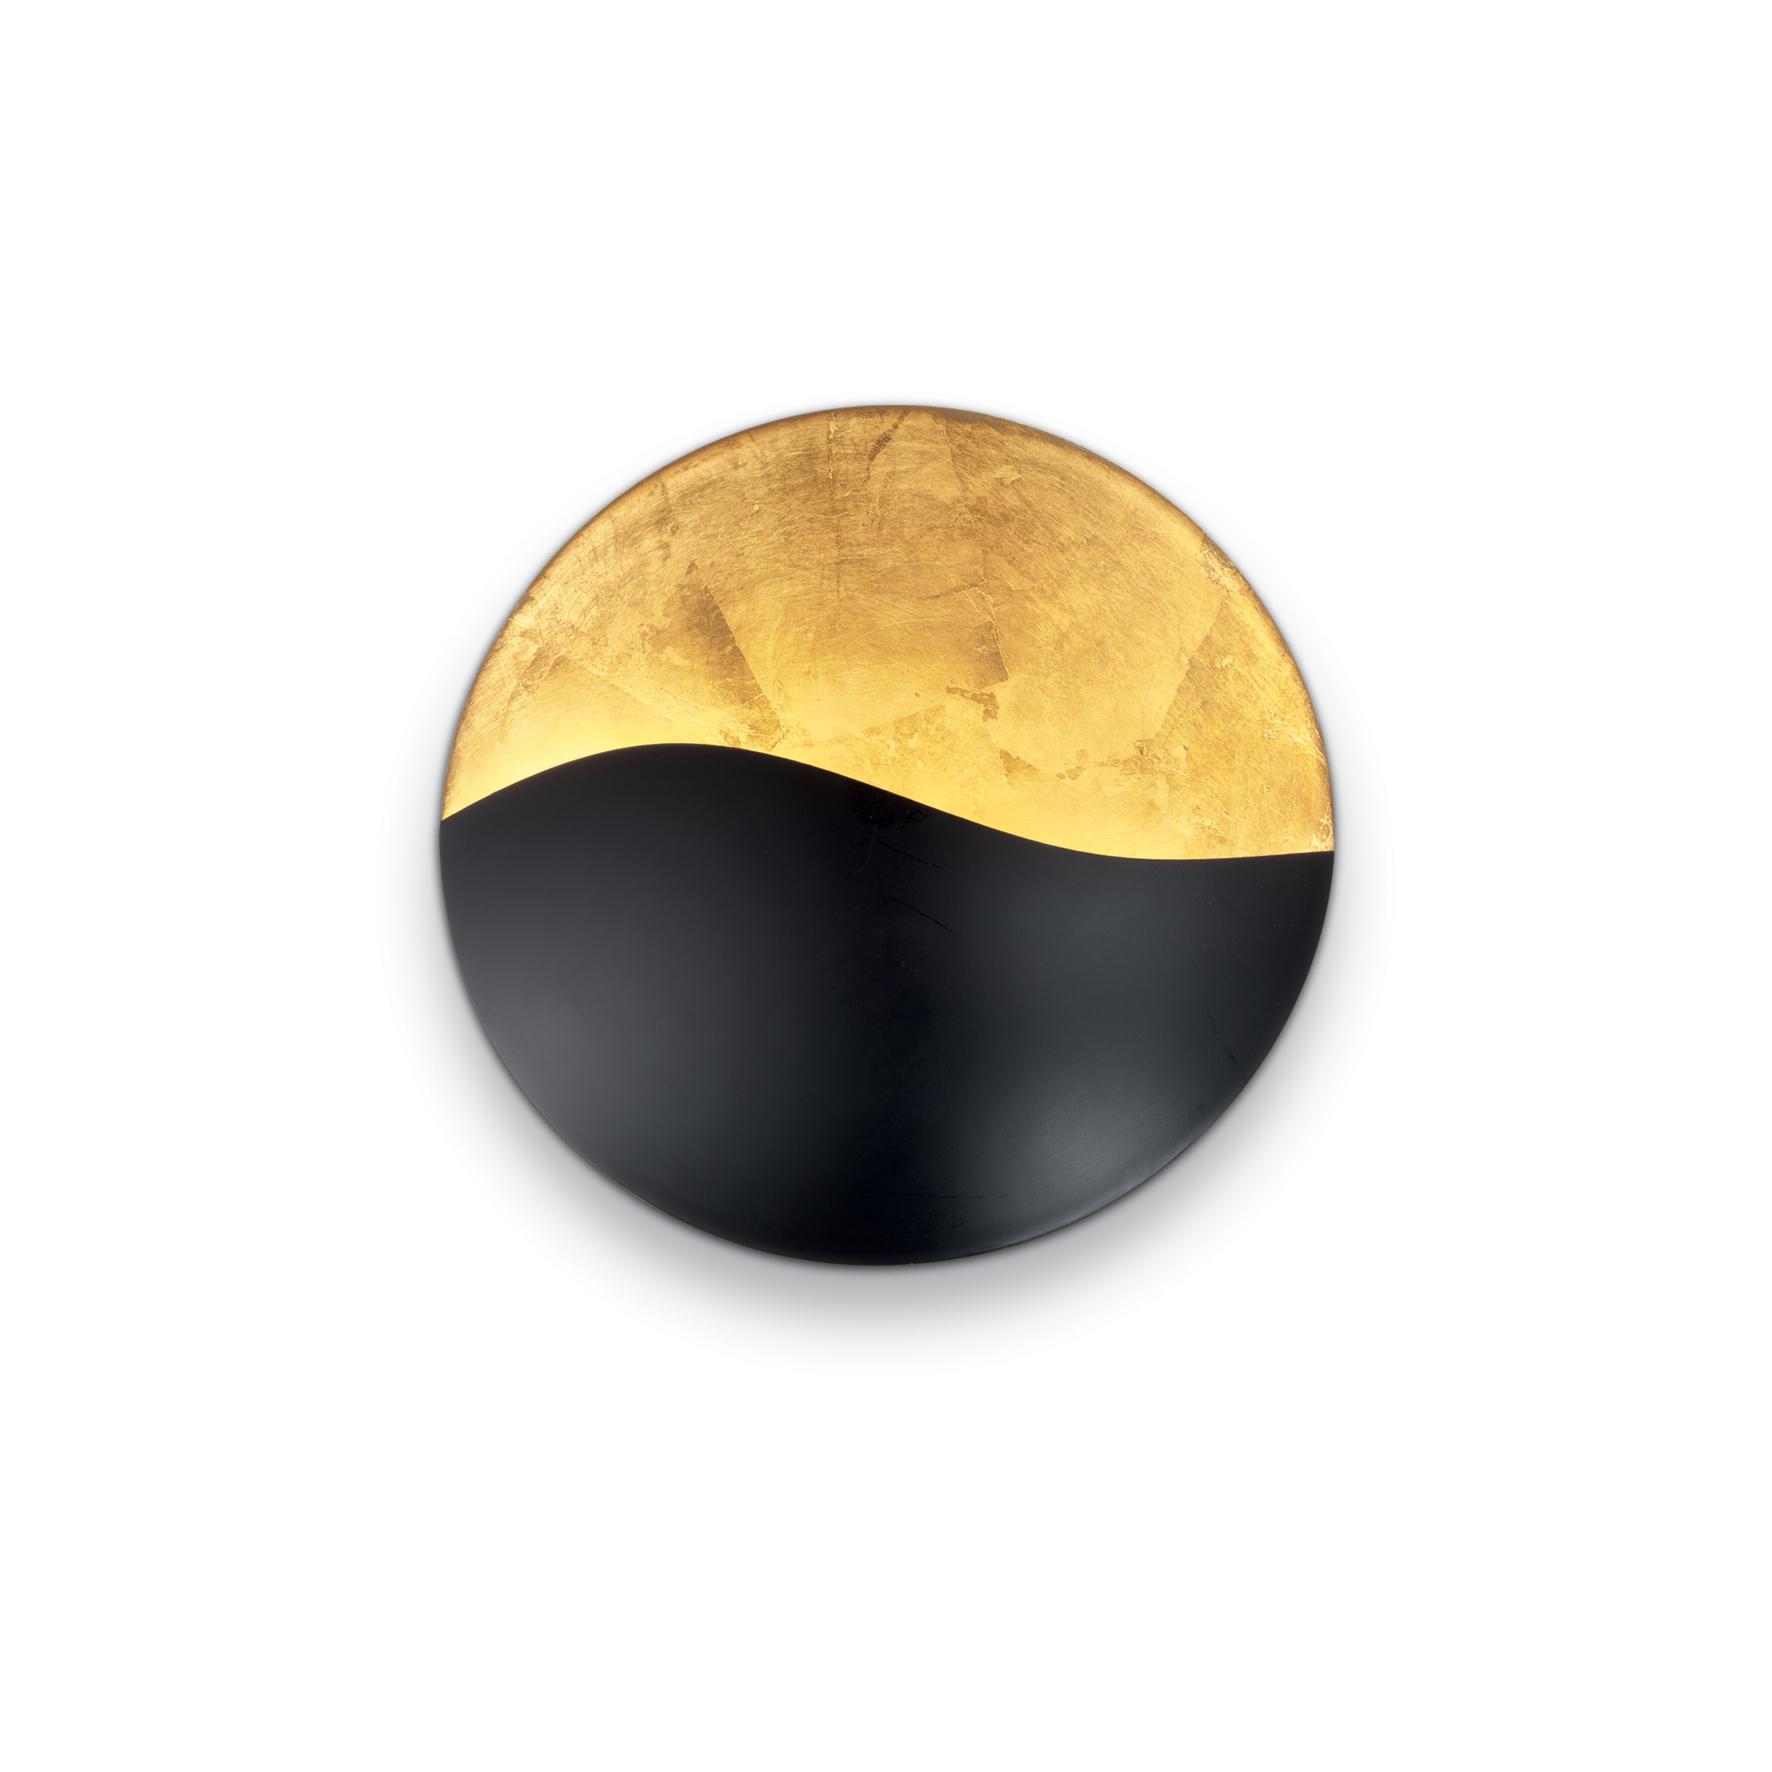 Aplica Sunrise AP3 Black / Gold